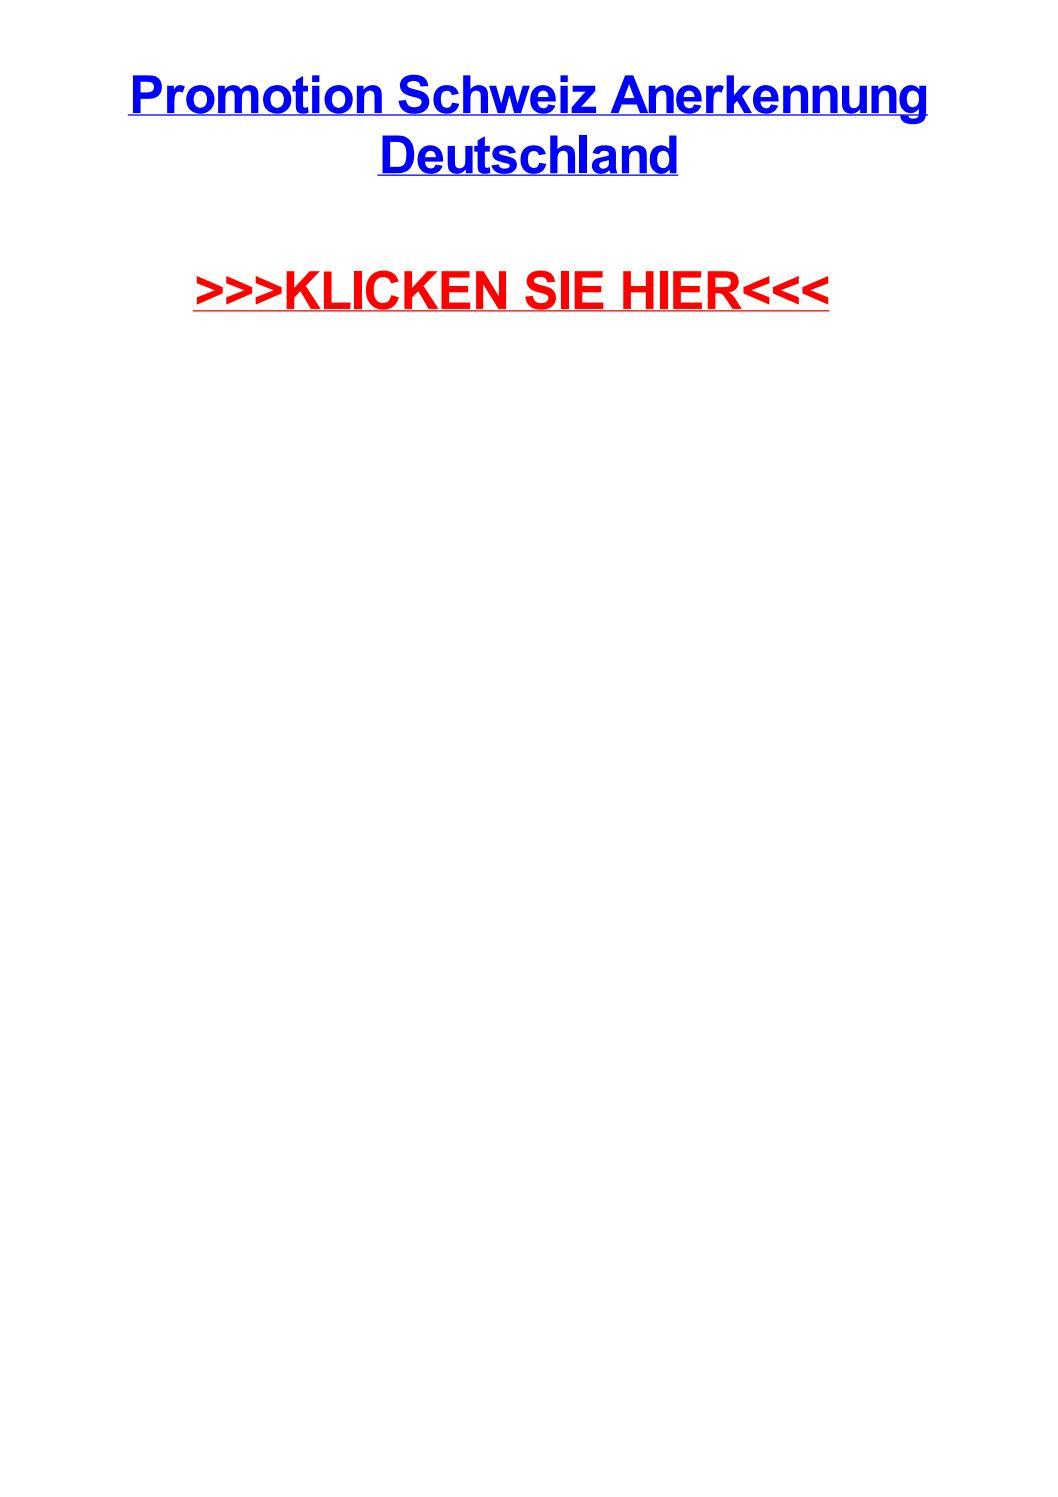 Promotion schweiz anerkennung deutschland by alvinbqbg - issuu